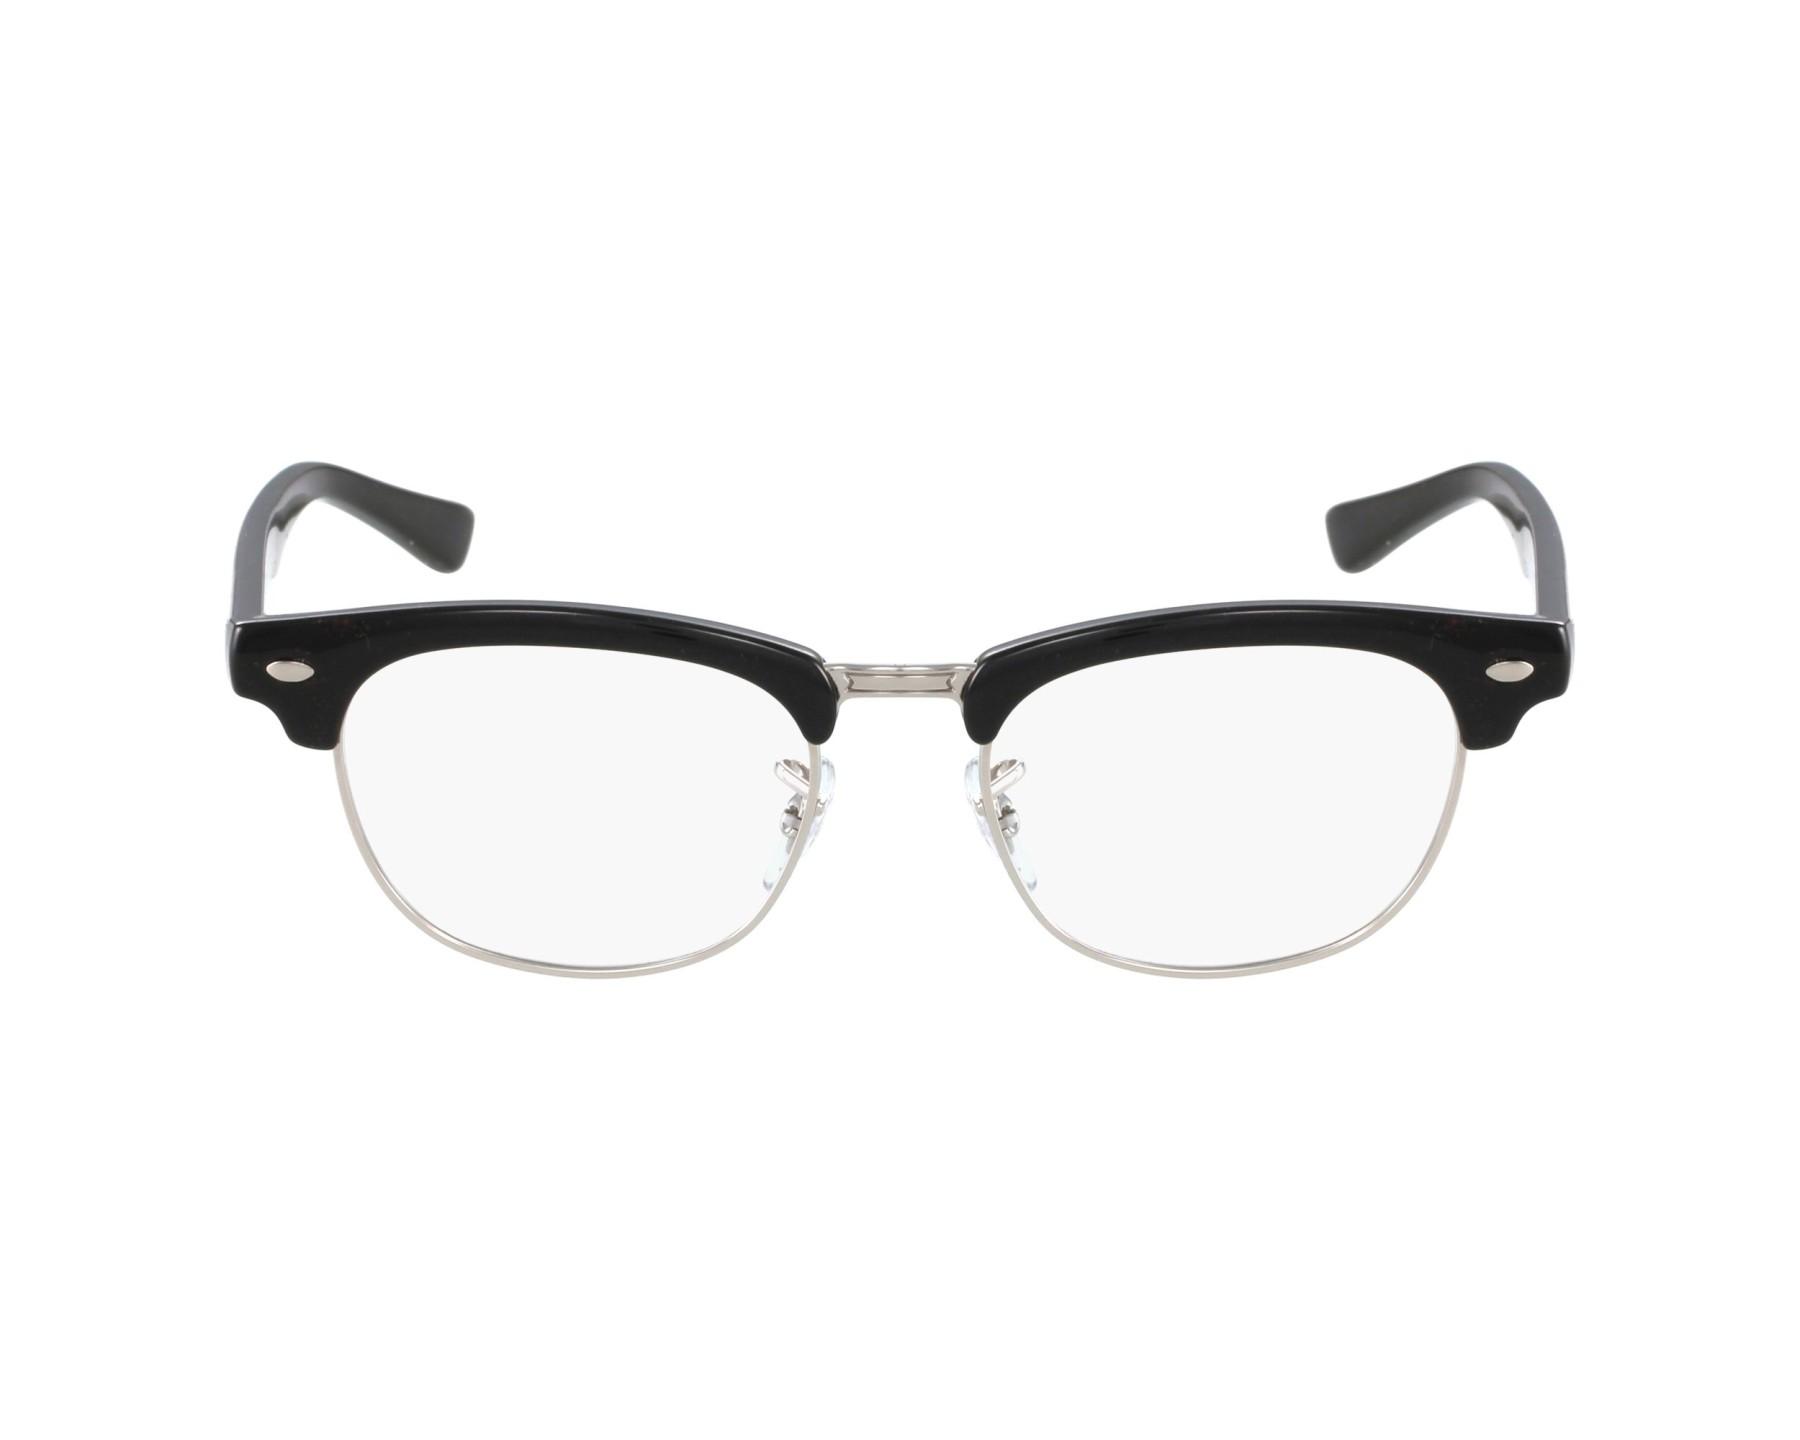 lunette ray ban de vue ado